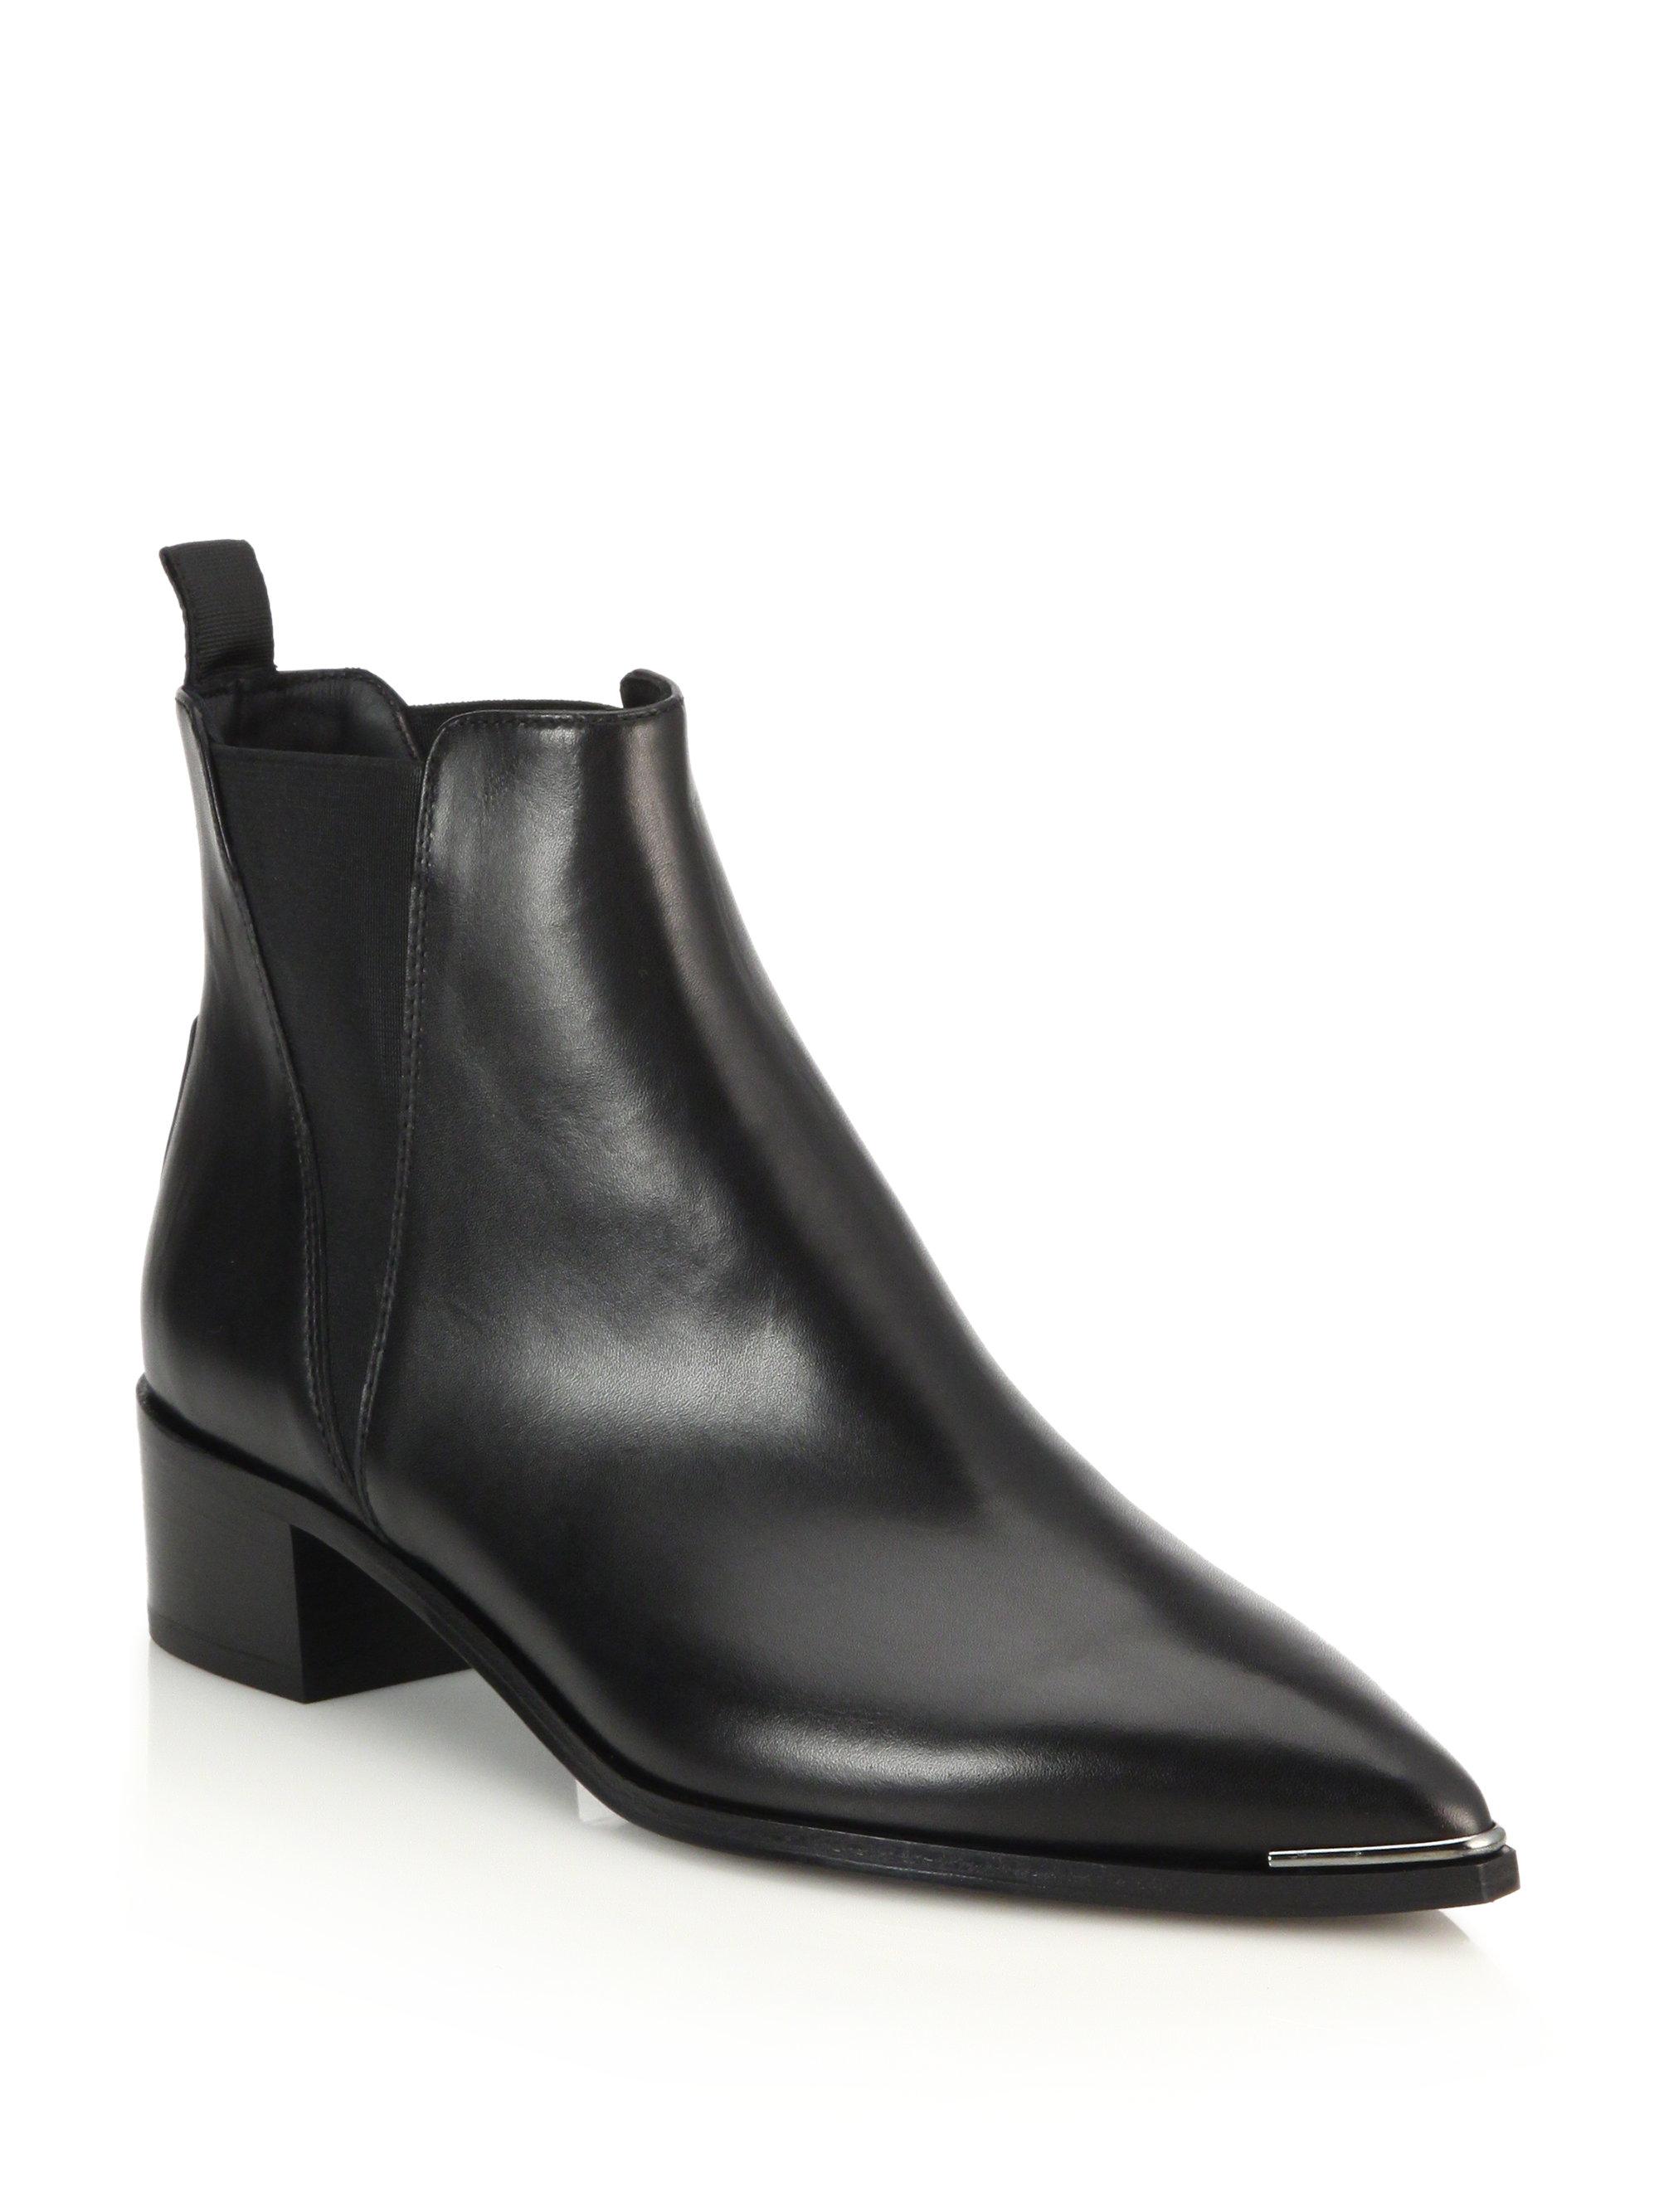 acne studios jensen chelsea boots in black for men lyst. Black Bedroom Furniture Sets. Home Design Ideas